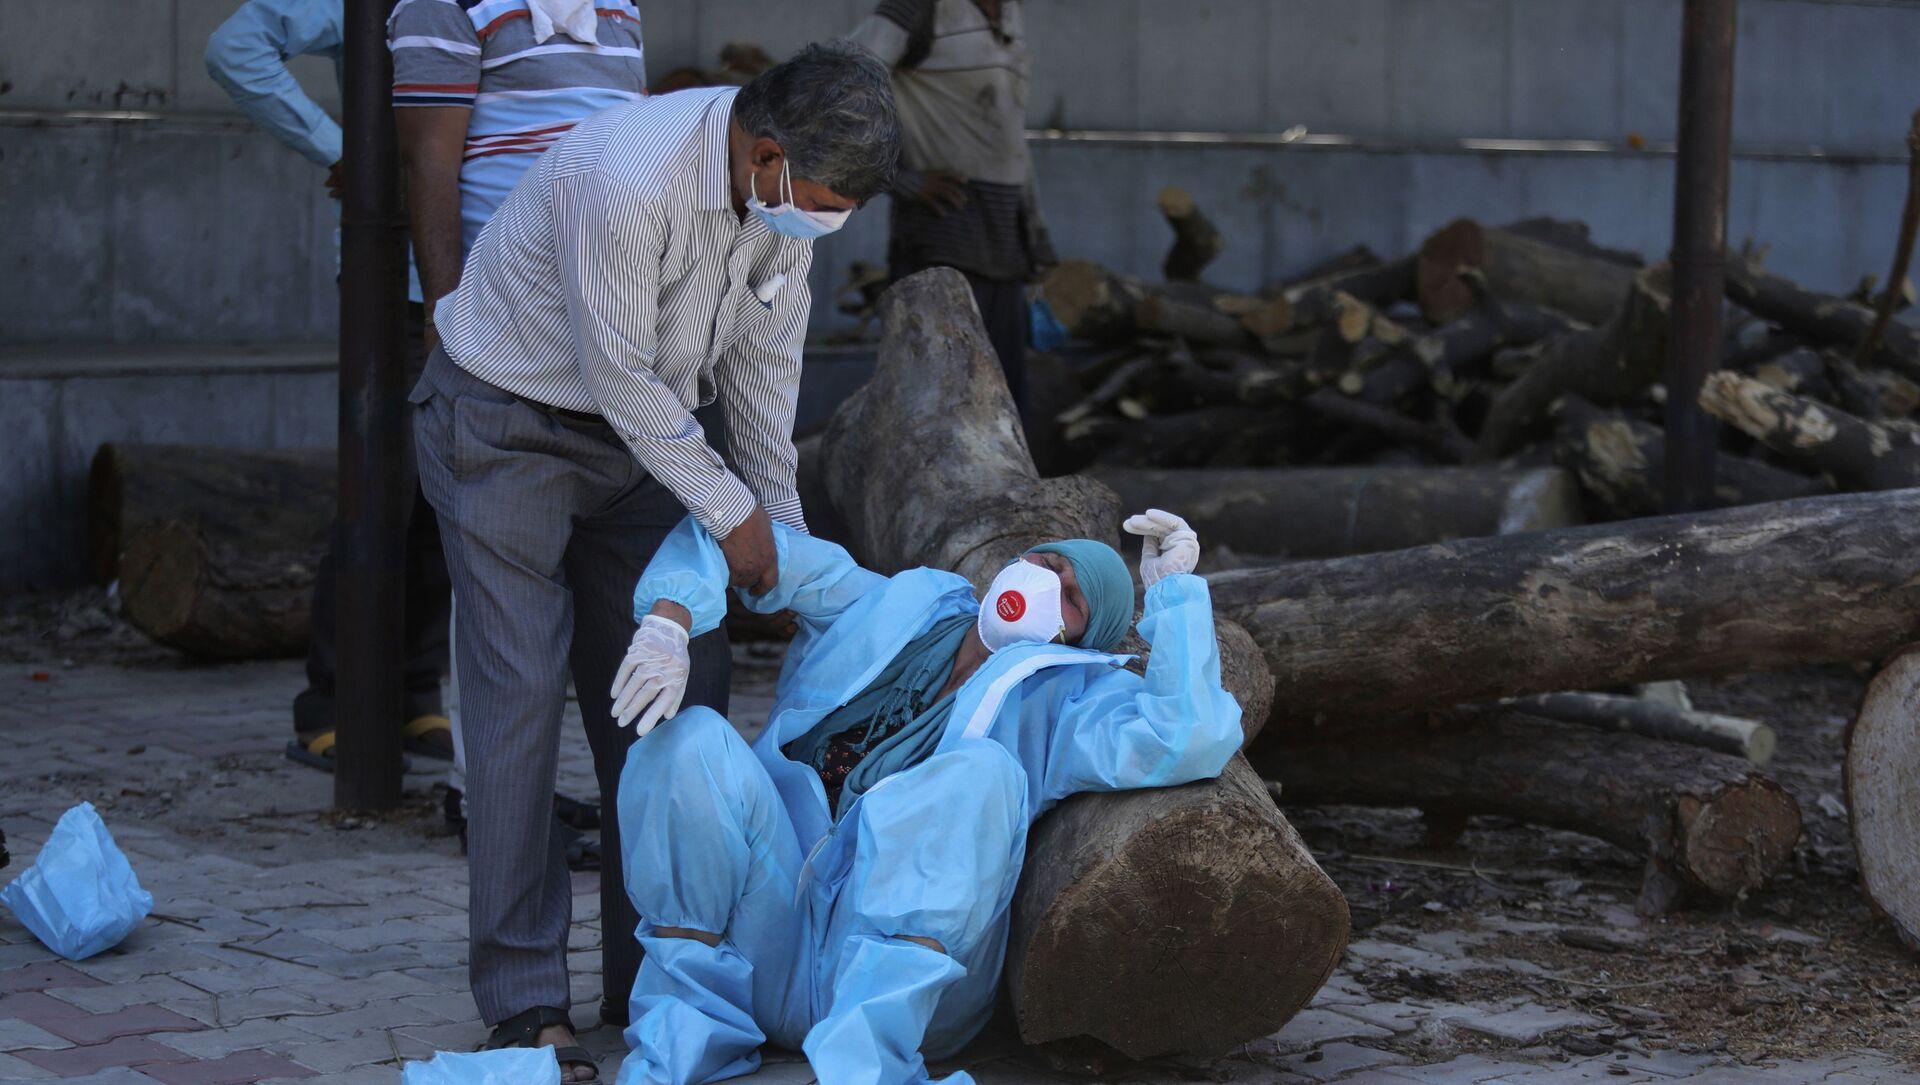 Parente di un uomo morto di COVID-19 collassa durante la cremazione a Jammu, in India - Sputnik Italia, 1920, 07.05.2021